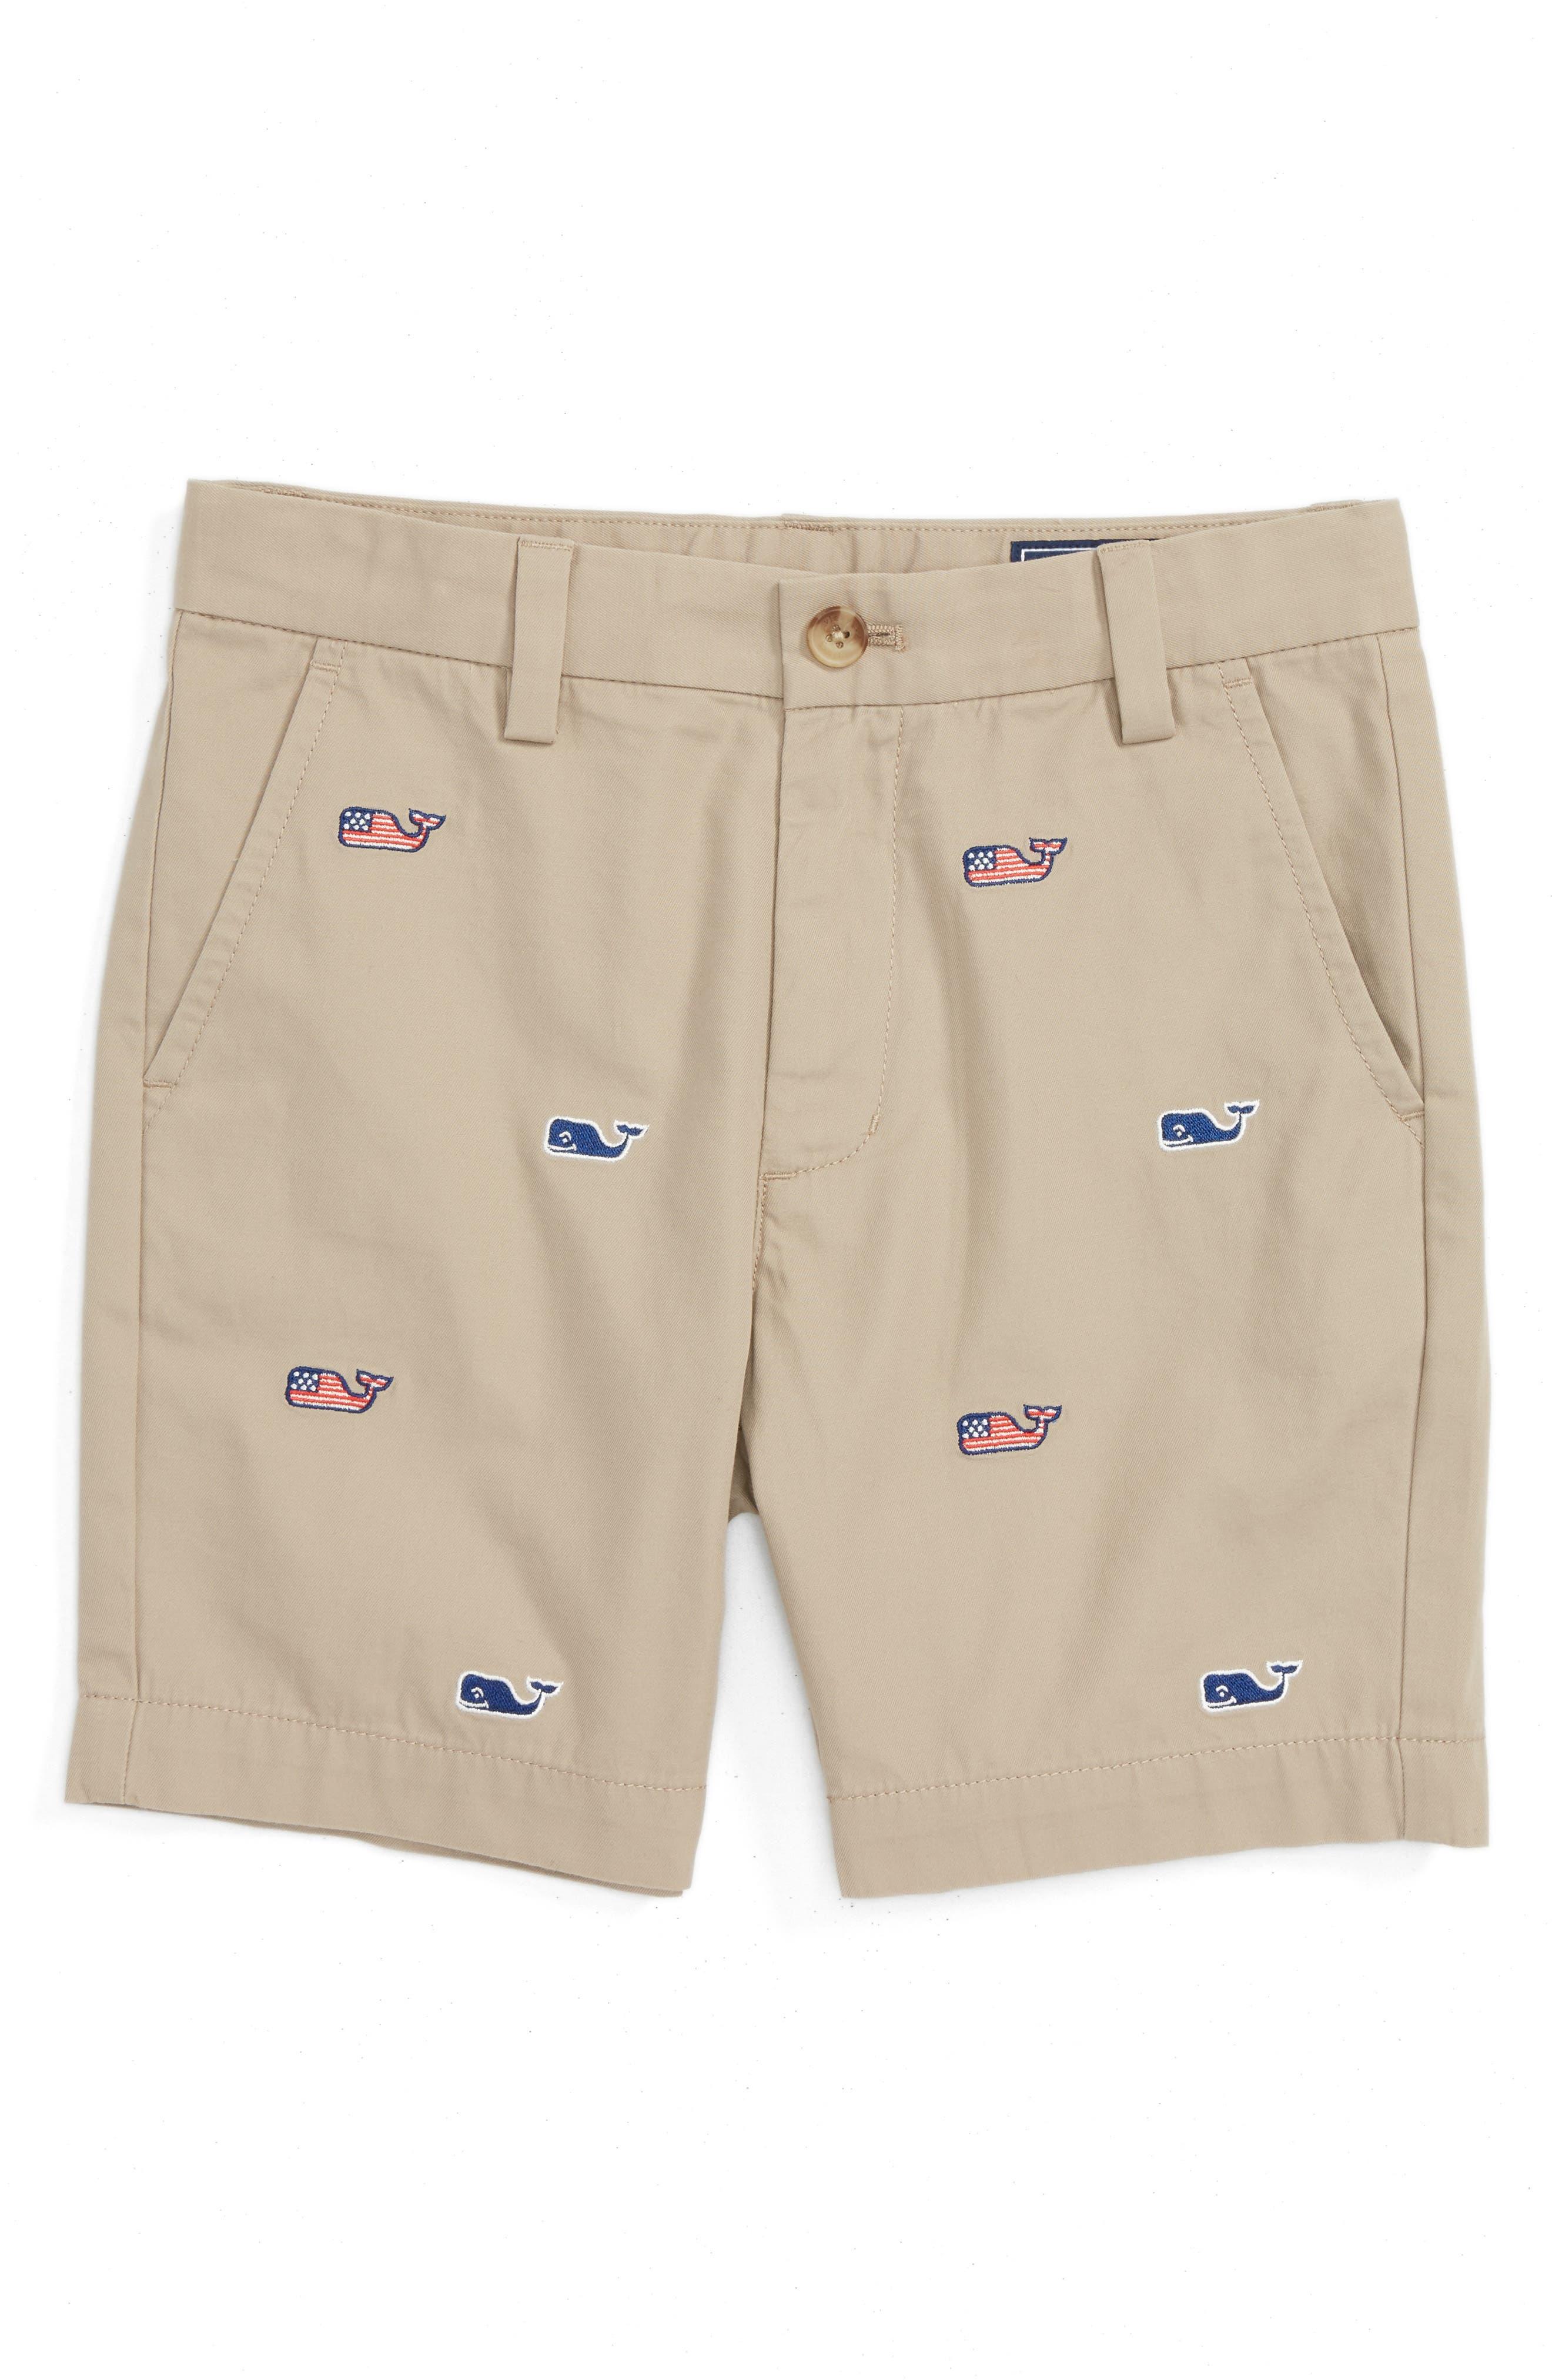 Vineyard Vines Flag Whale Embroidered Breaker Shorts (Toddler Boys & Little Boys)